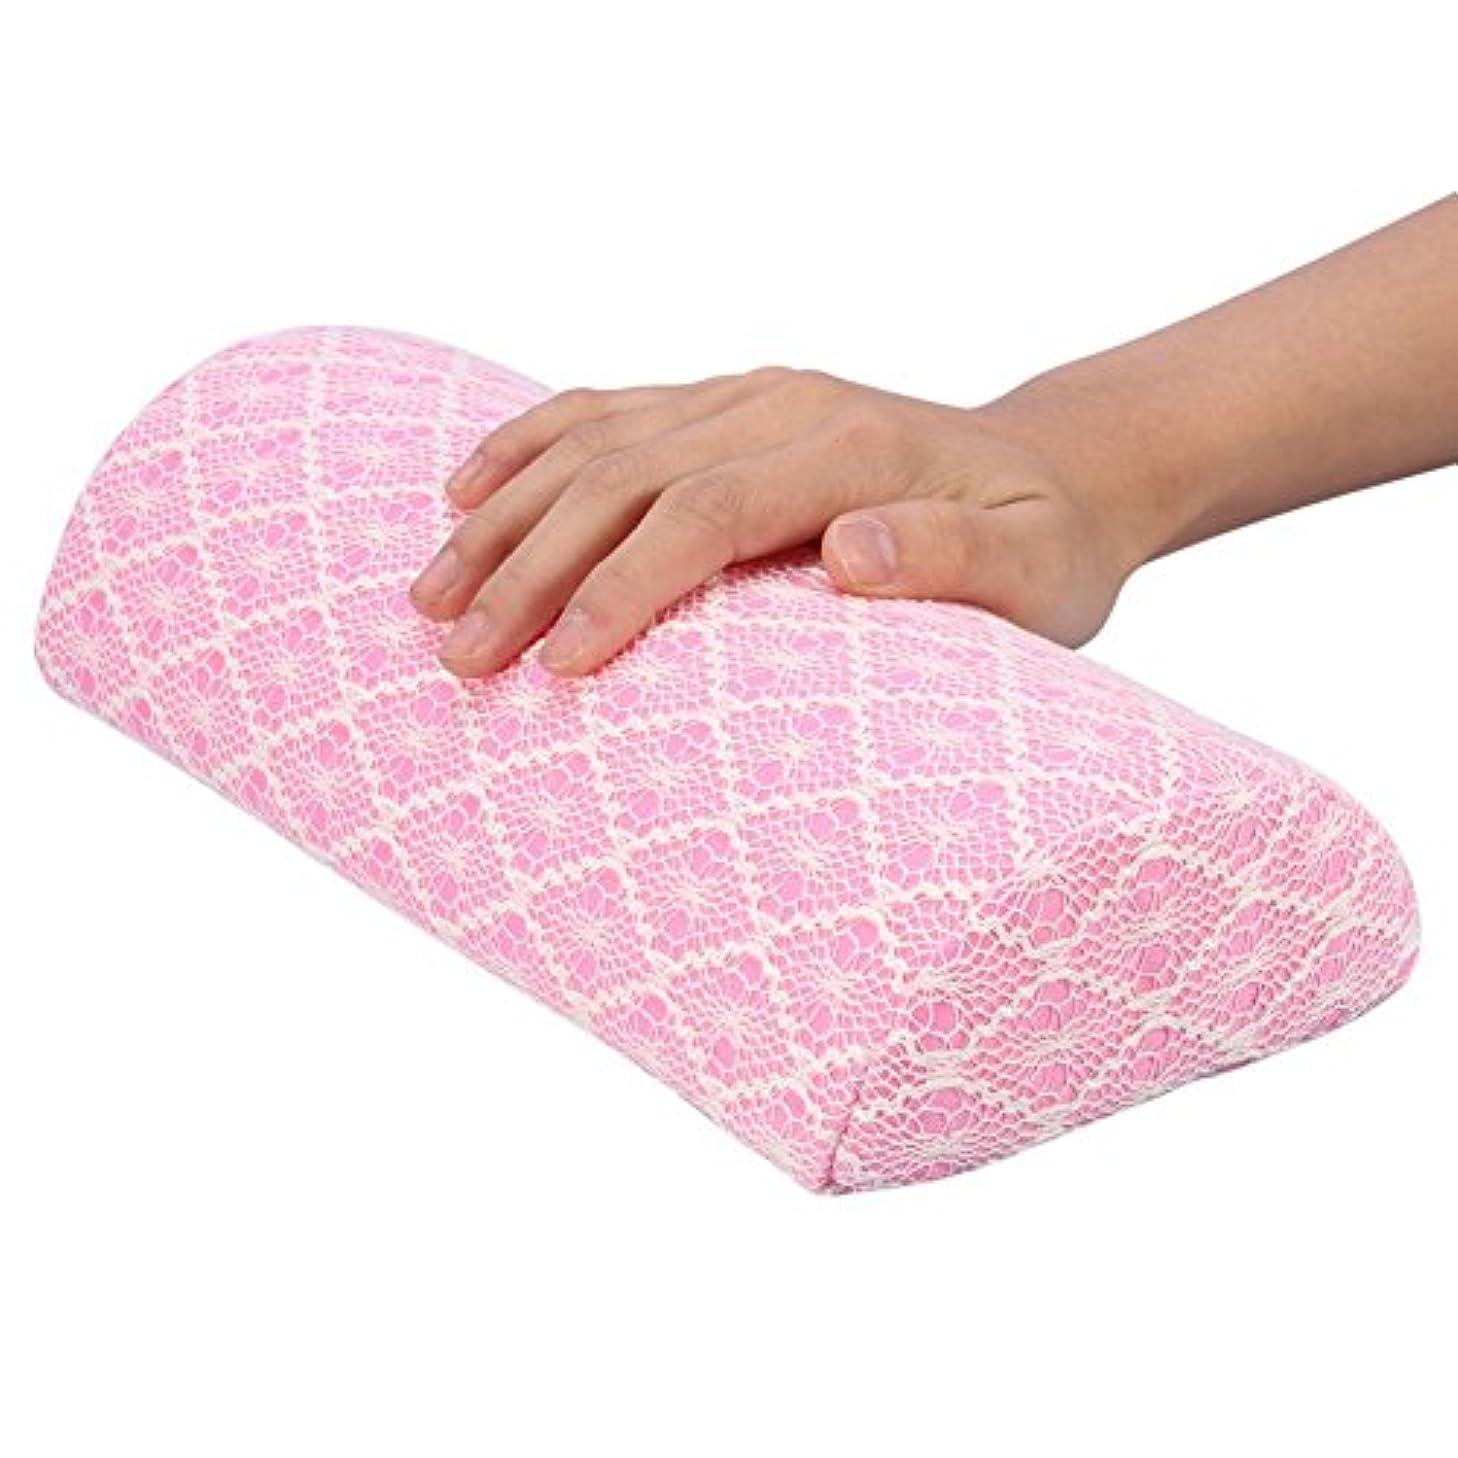 マウントバンクみ著名なハート柄 手の枕 ネイルマット 8パターンファッションウォッシャブルネイルアート 美容院 美容室 サロン 腕枕 腕マクラ 腕置き 肘置き(8)